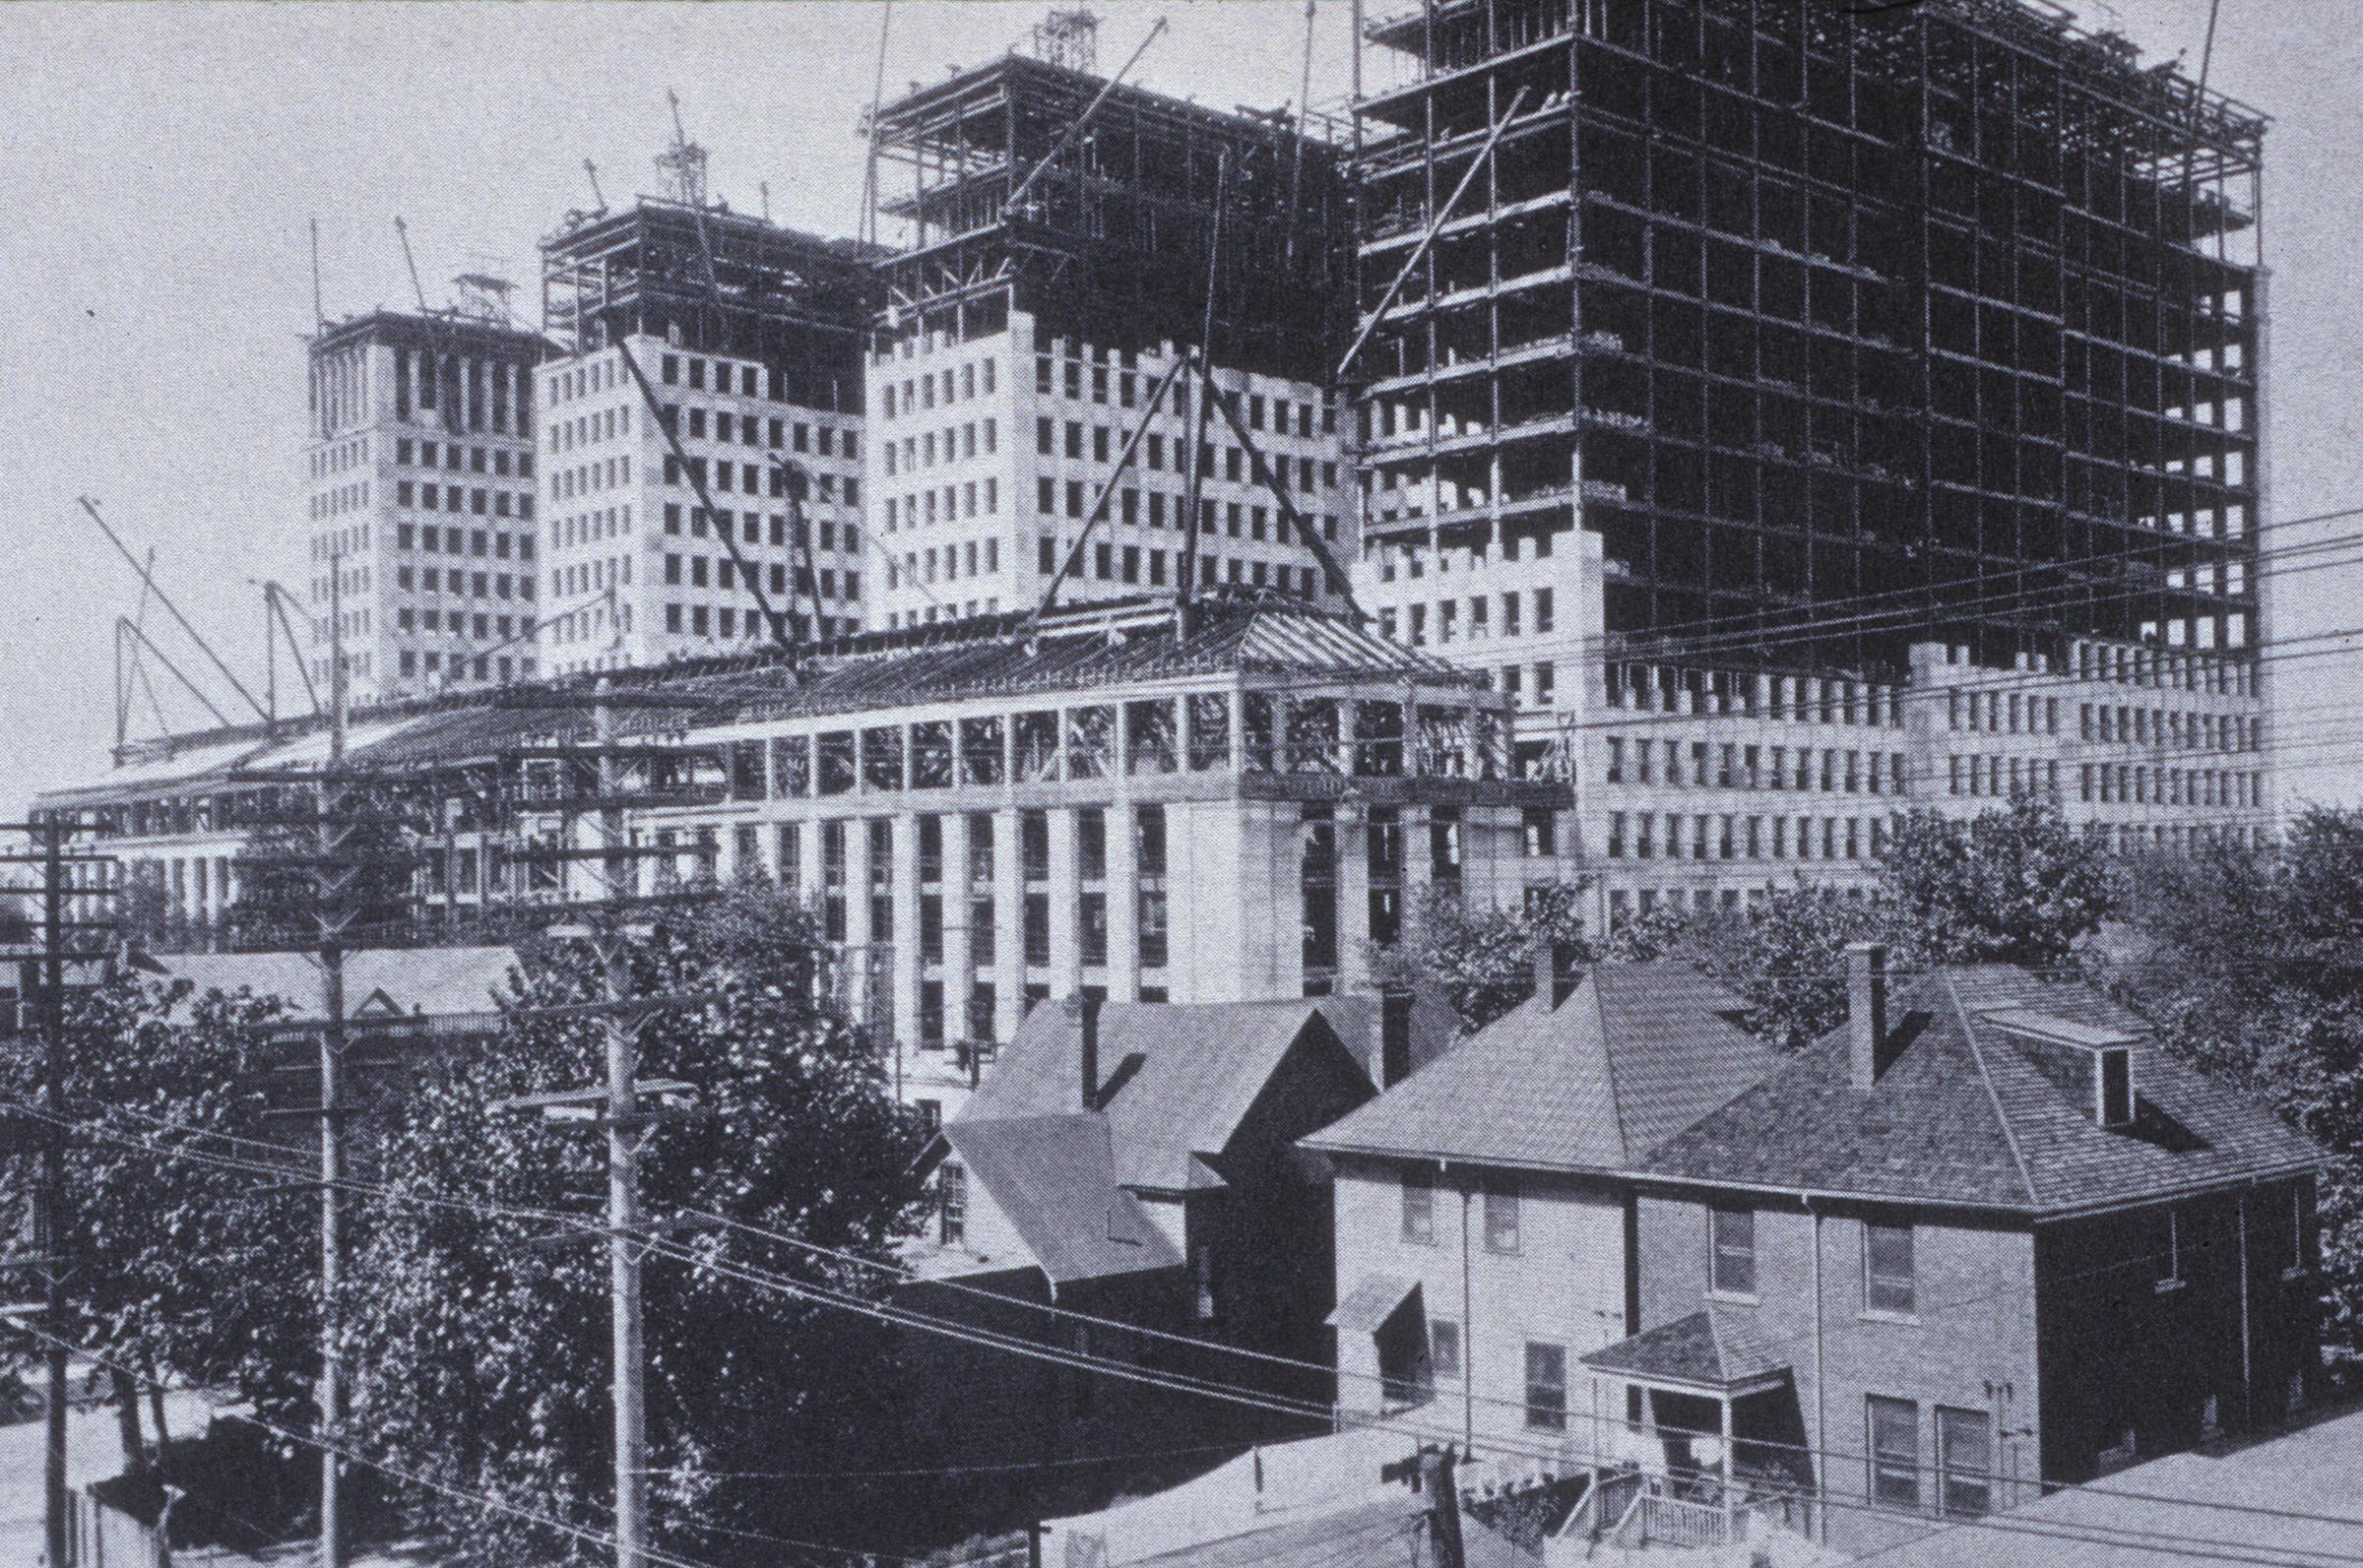 Albert kahn the architect who built detroit 39 s skyline for Detroit architectes